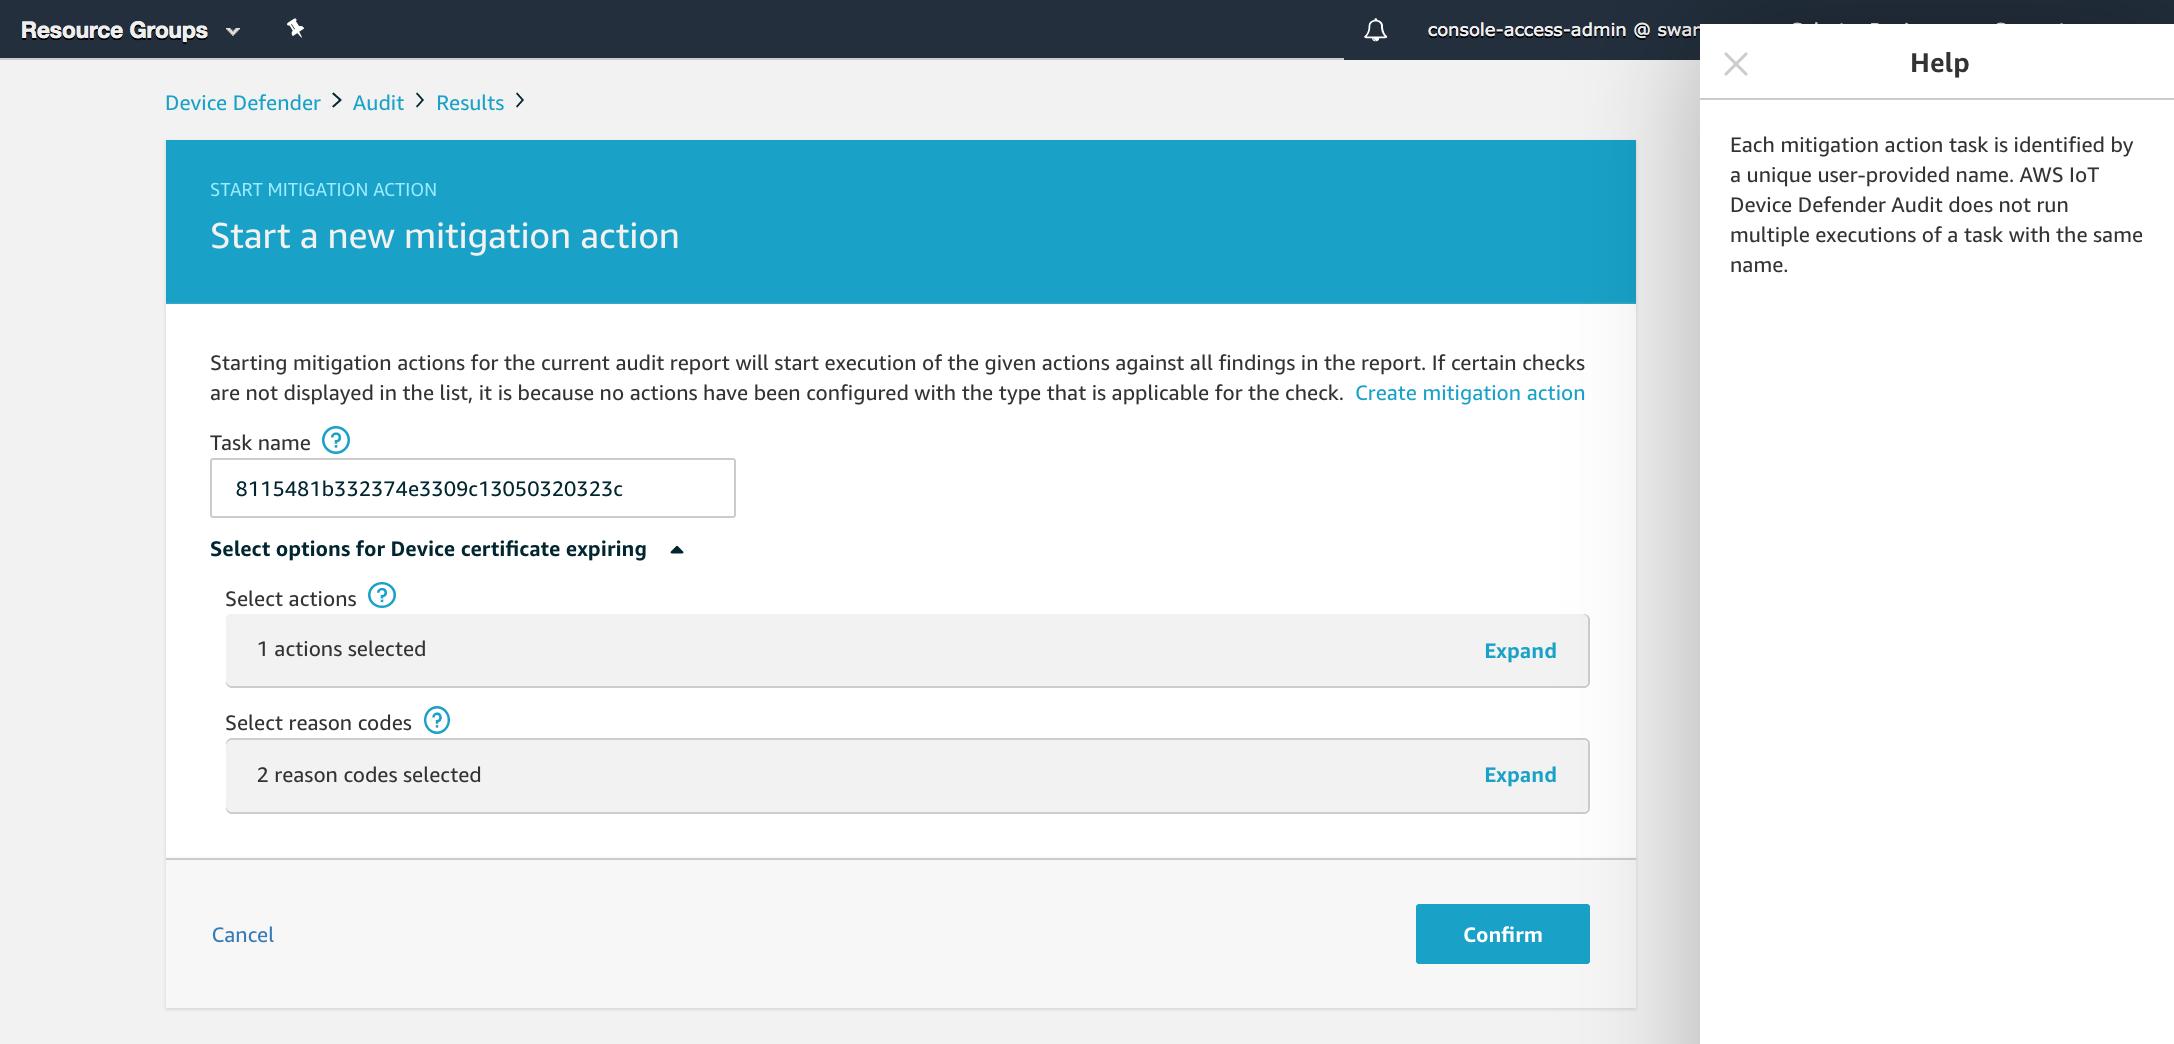 Acciones de mitigación - AWS IoT